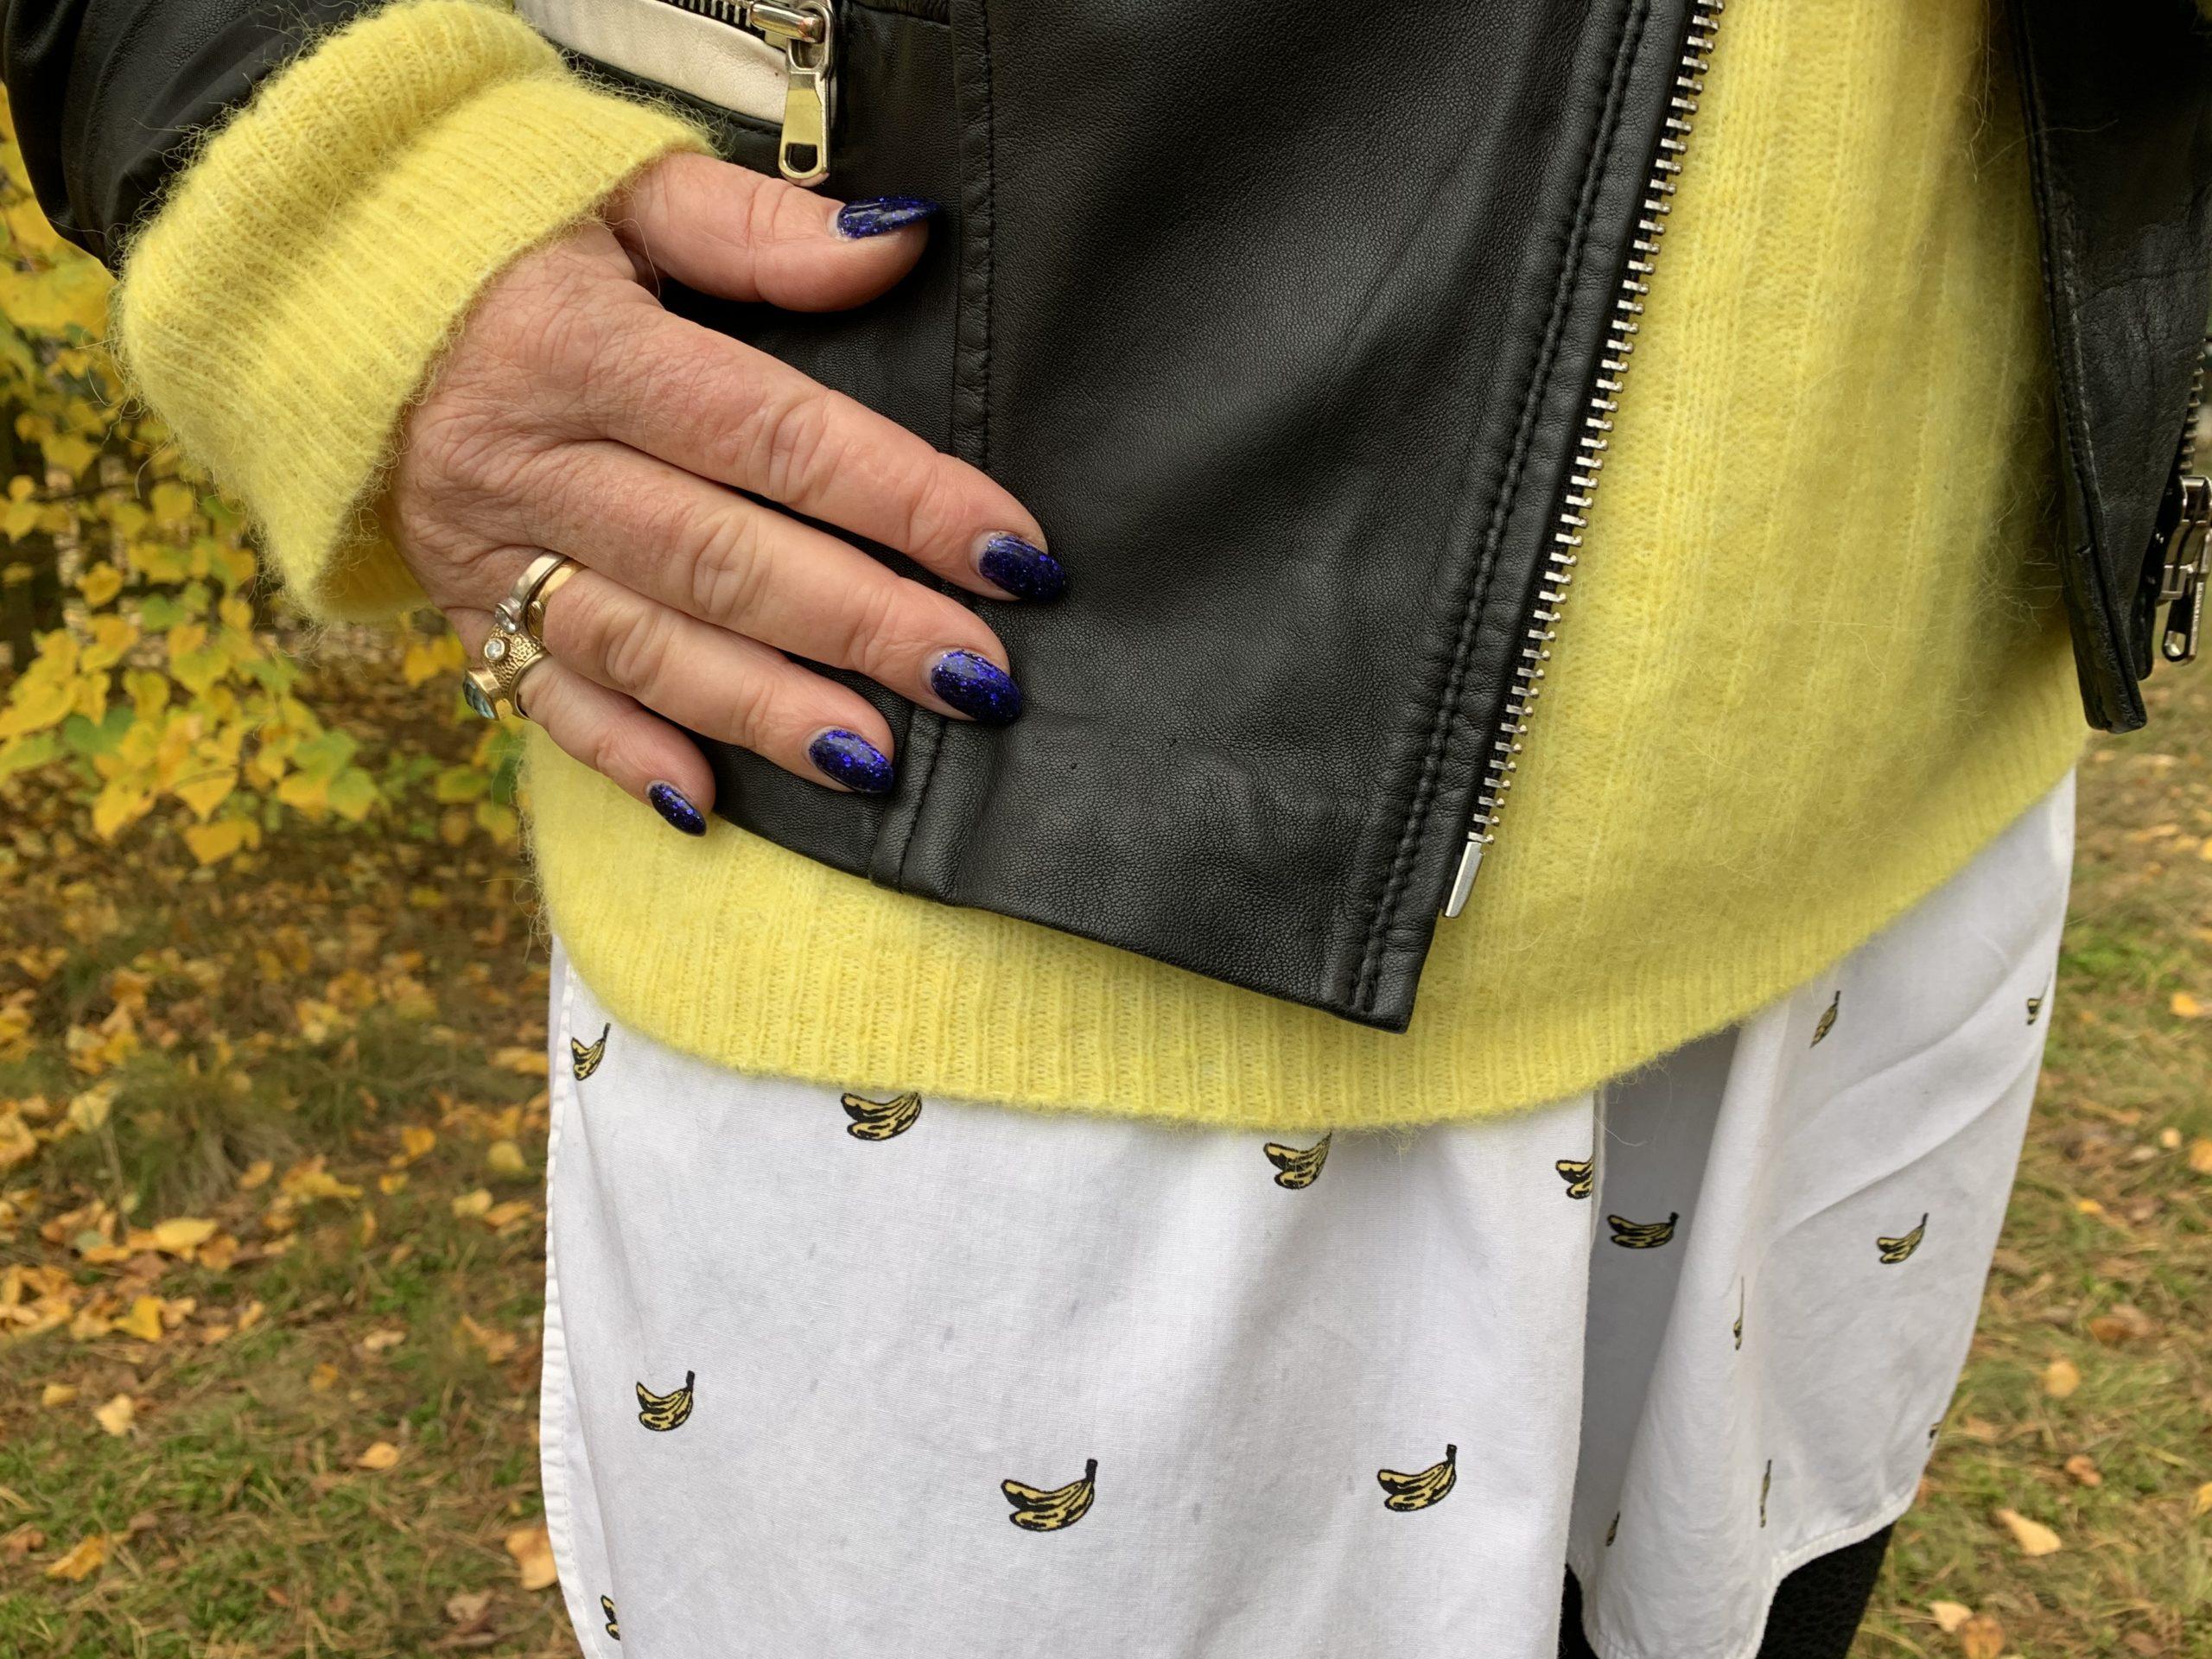 Snygga färger ihop: gult och blått